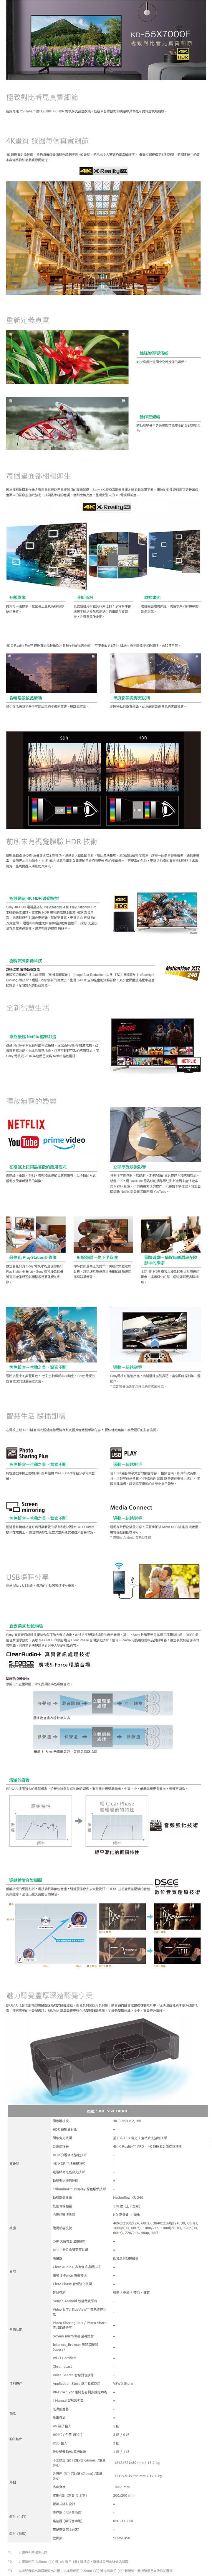 SONY_KD-55X7000F_spec.jpg